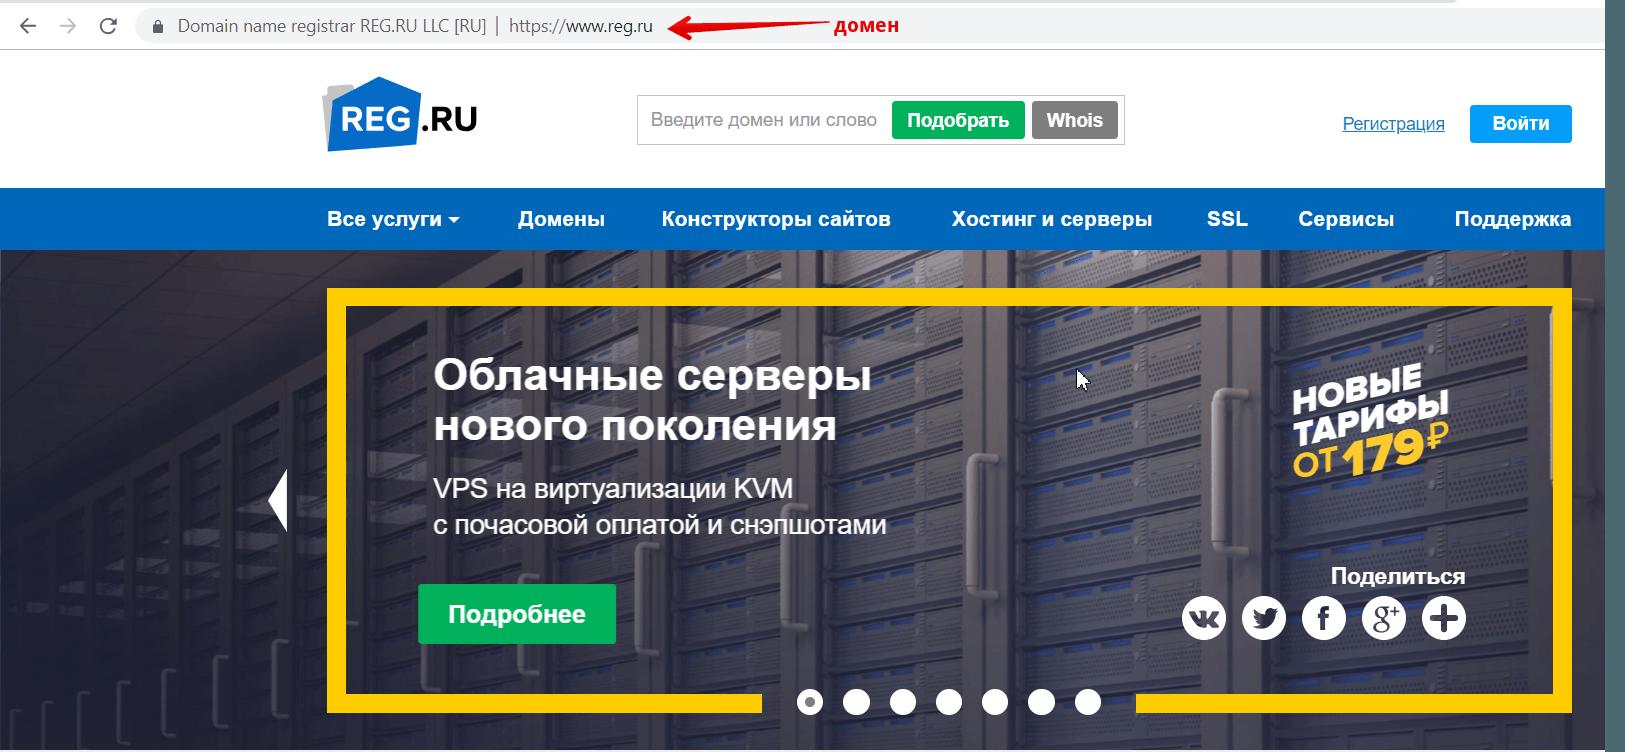 Бесплатный хостинг сайтов с доменом 3 уровня игры для хостинга игровых серверов